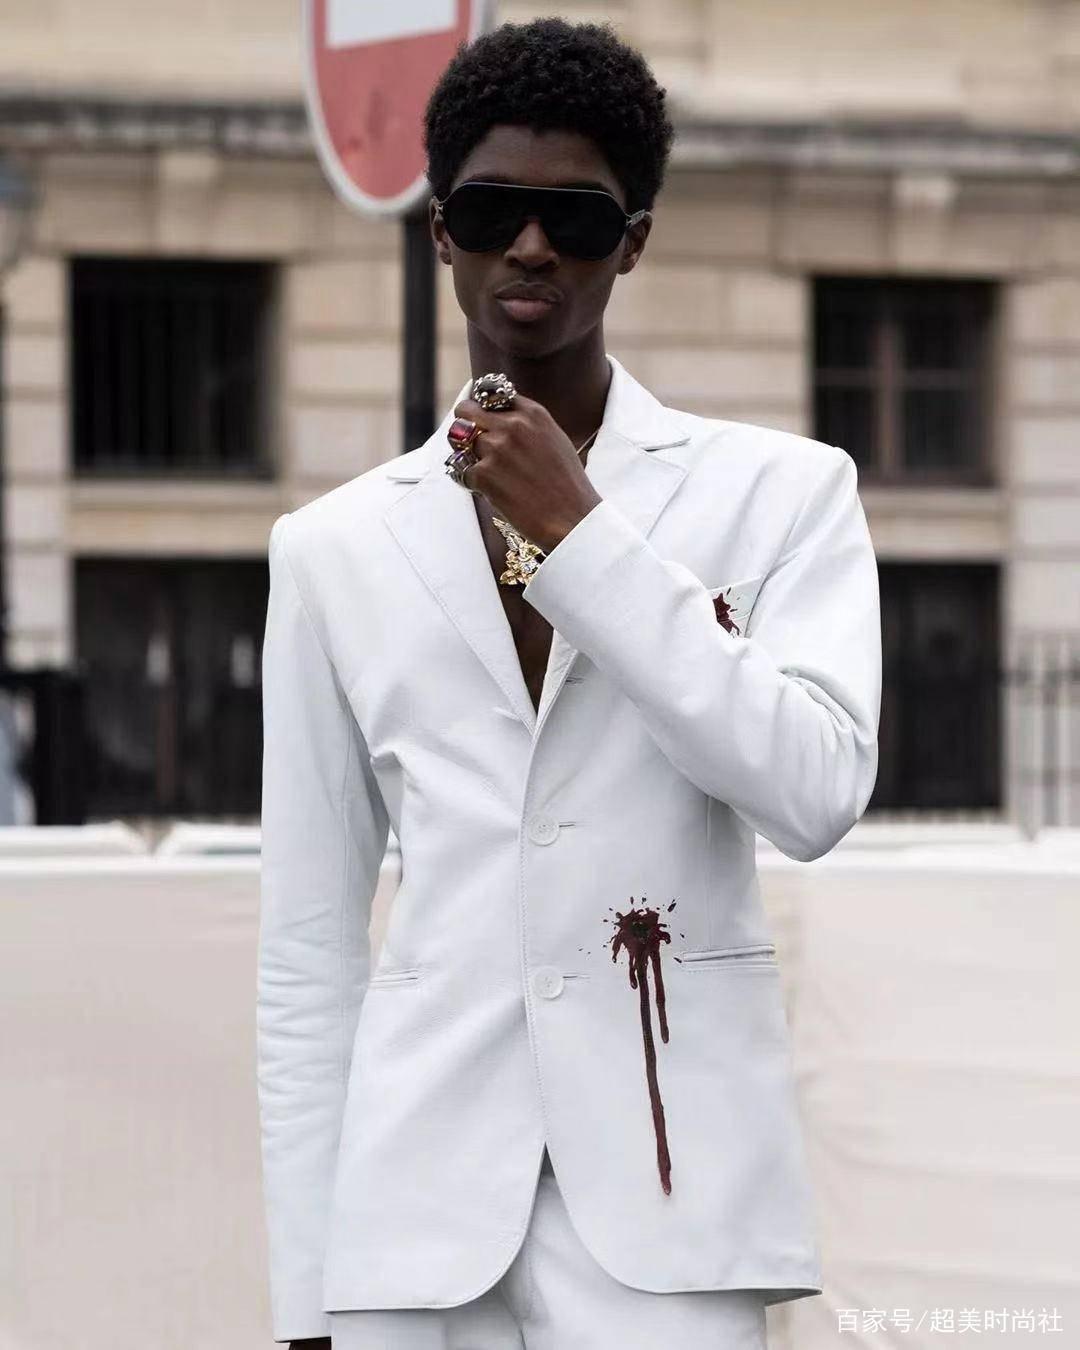 他是时尚圈最火的男模 这个名副其实的富二代 能红全靠硬捧?-家庭网